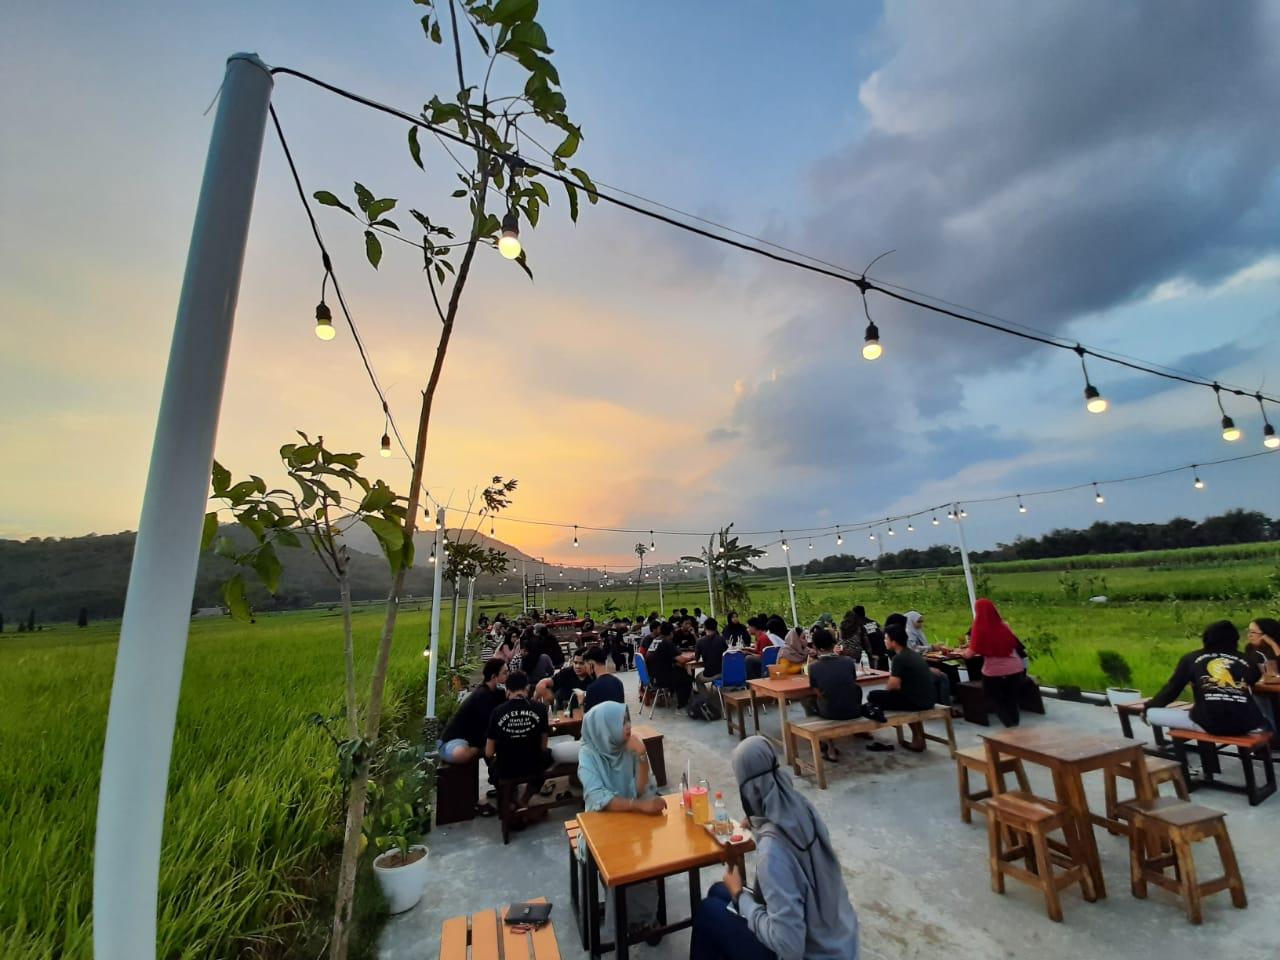 Jam Buka dan Lokasi Cafe Sap Kediri, Serunya Ngopi Sambil Menikmati Keindahan Senja